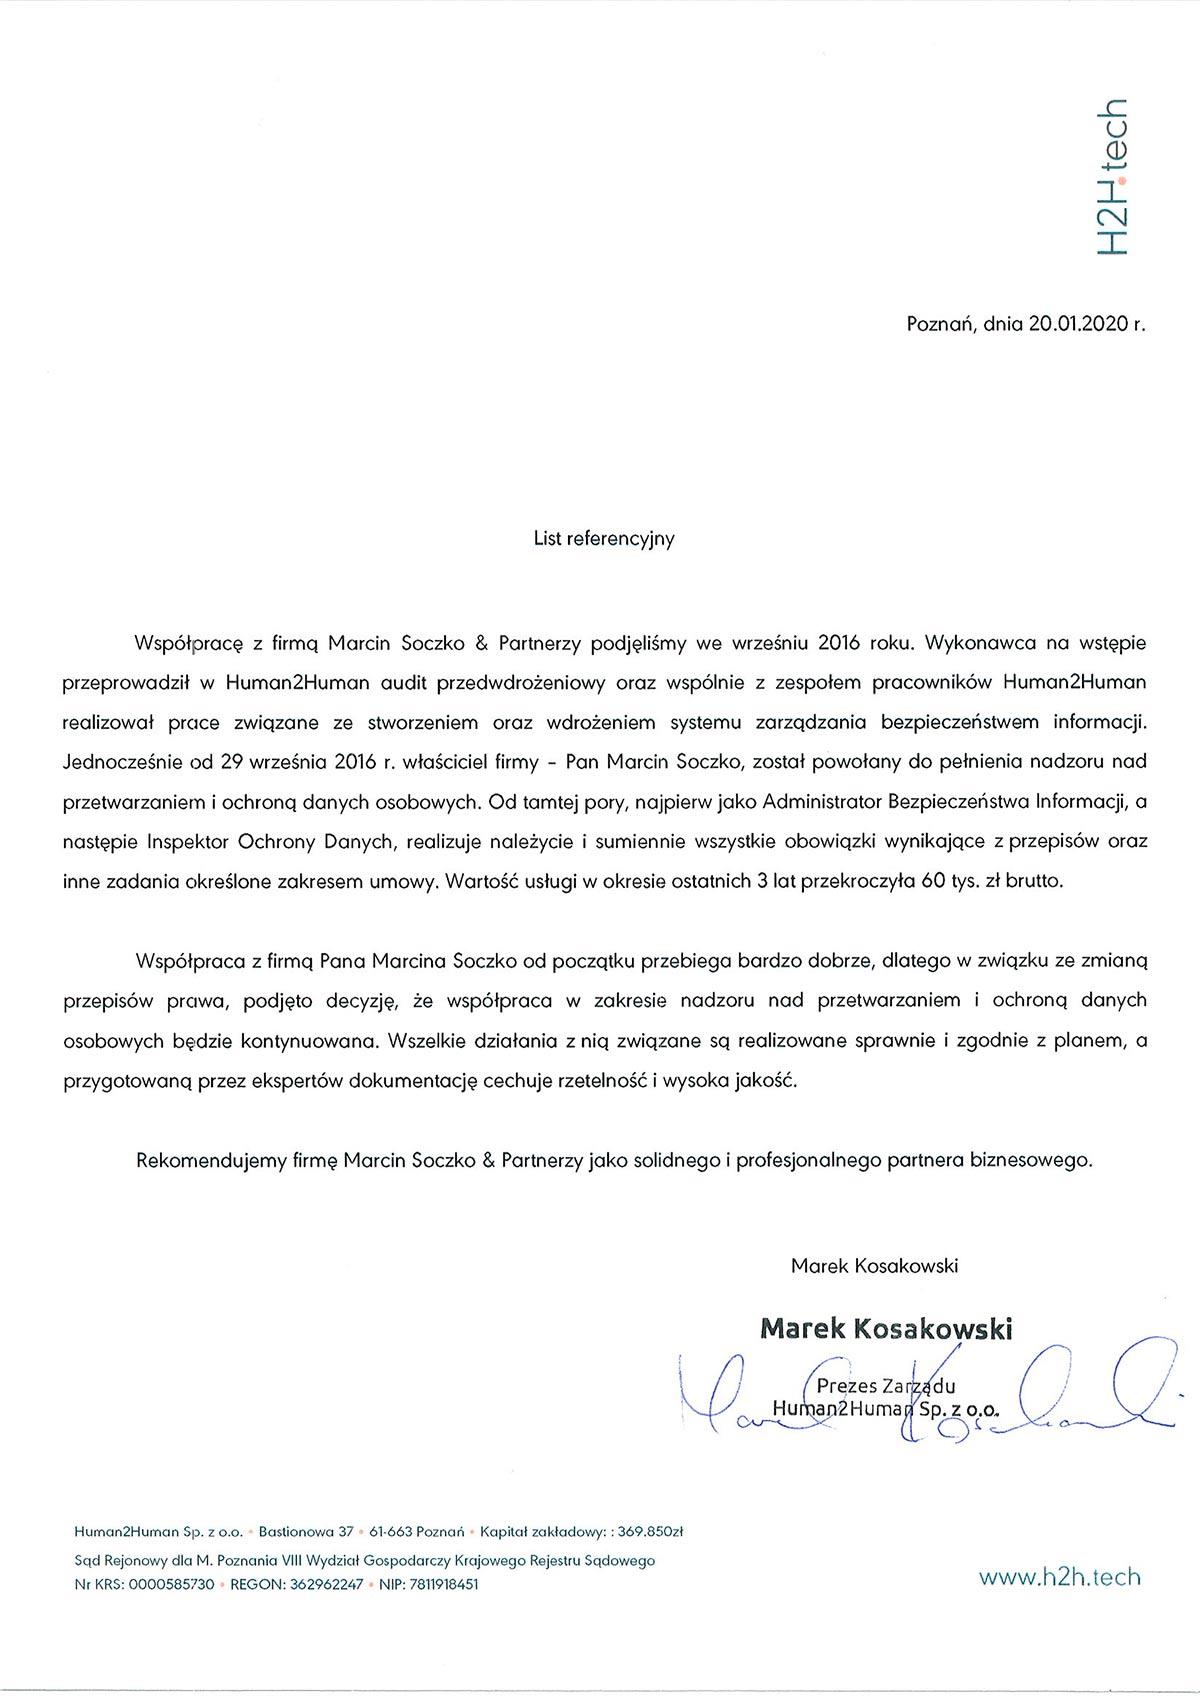 human2human referencje Soczko & Partnerzy